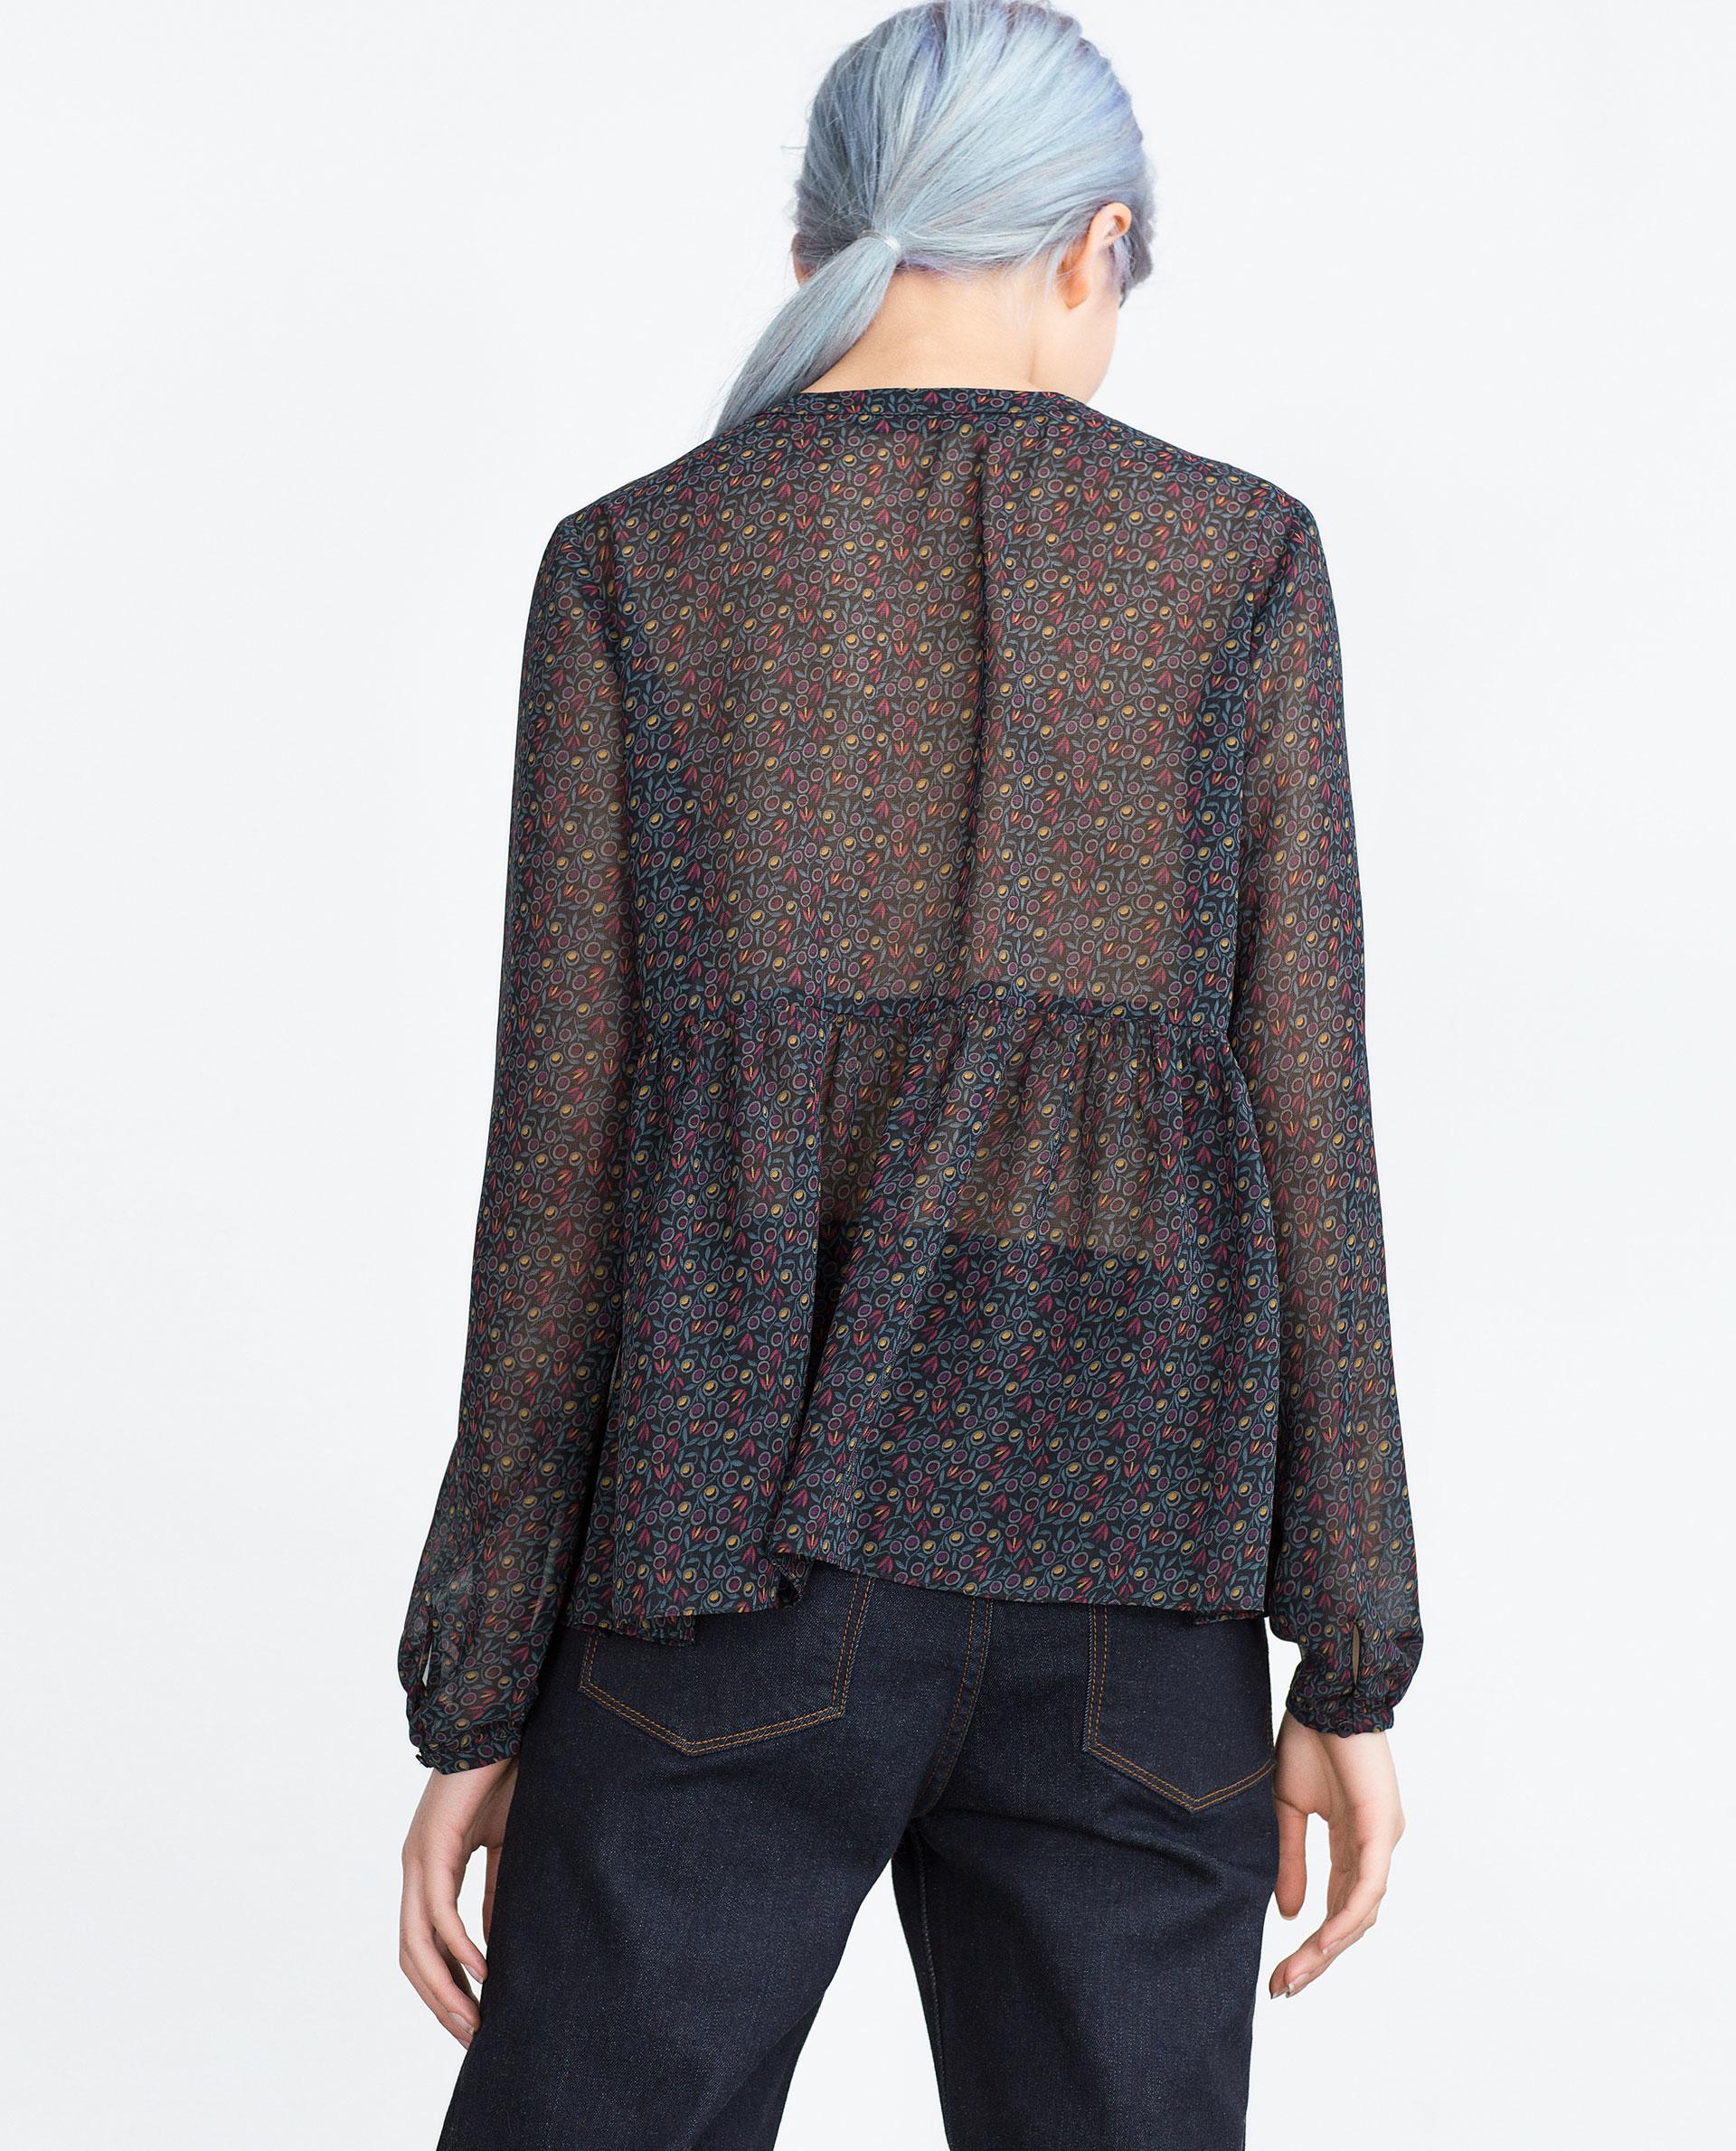 Zara Printed Chiffon Blouse 115